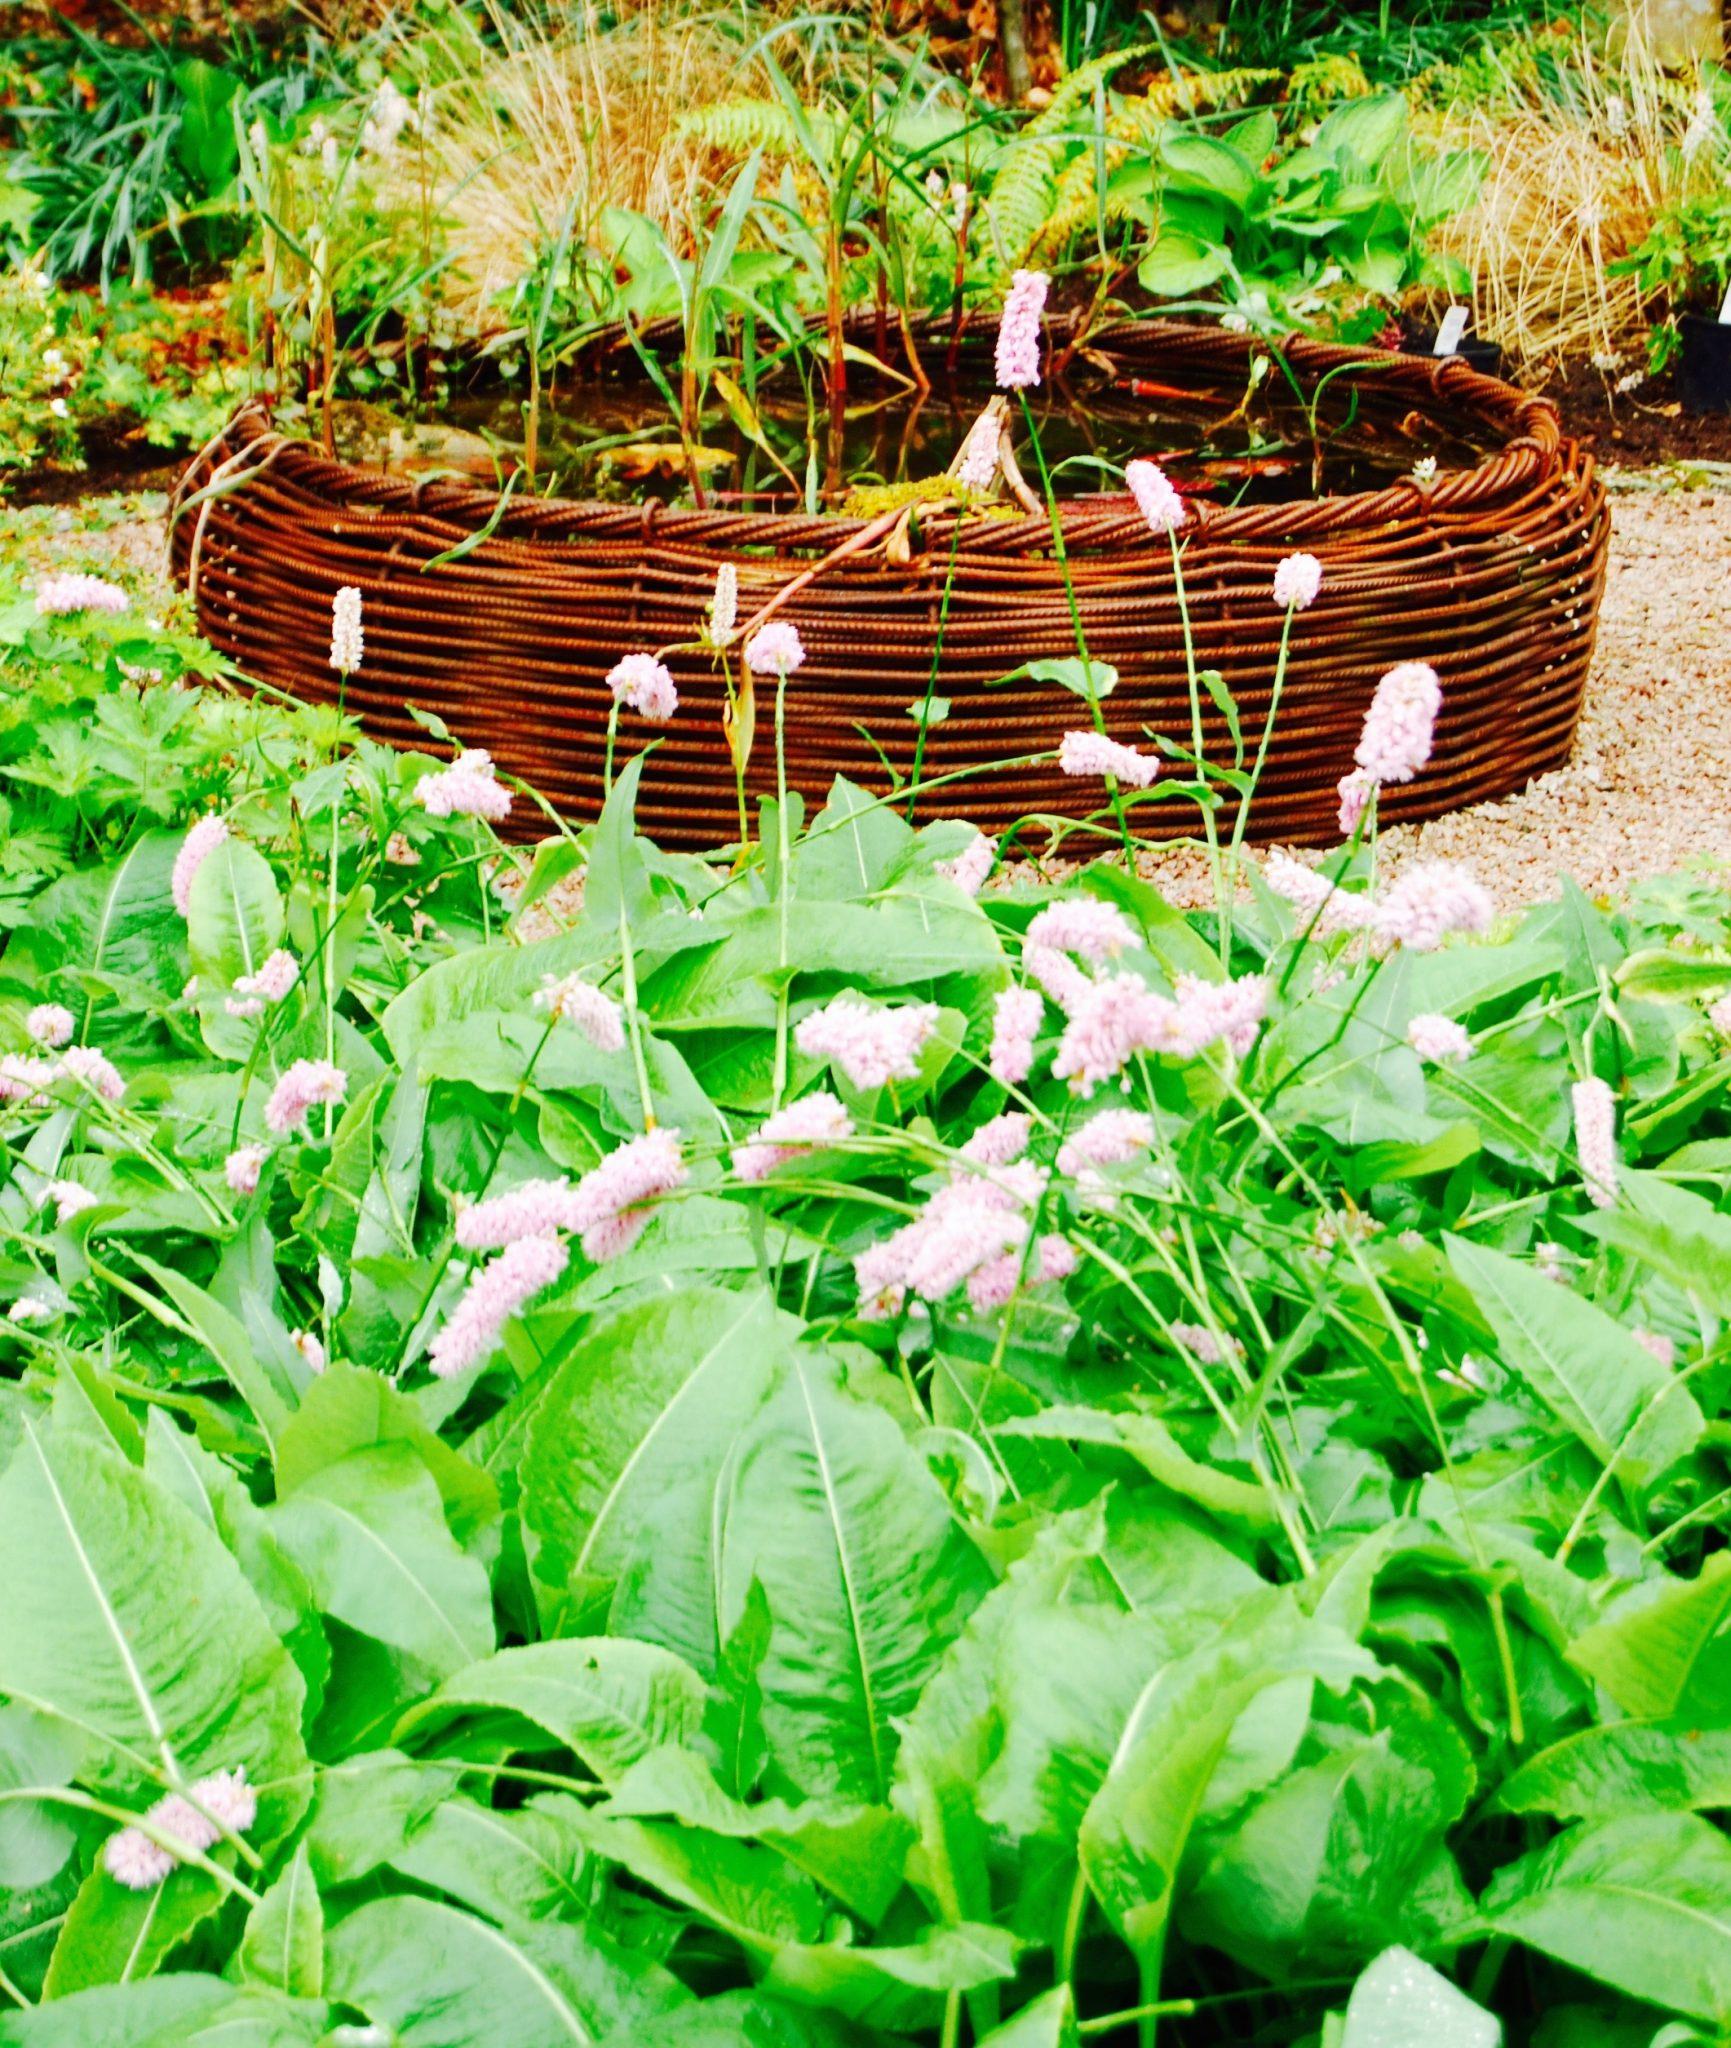 Basketweave bird bath by Ratho Byres Forge, garden designed by Carolyn Grohmann